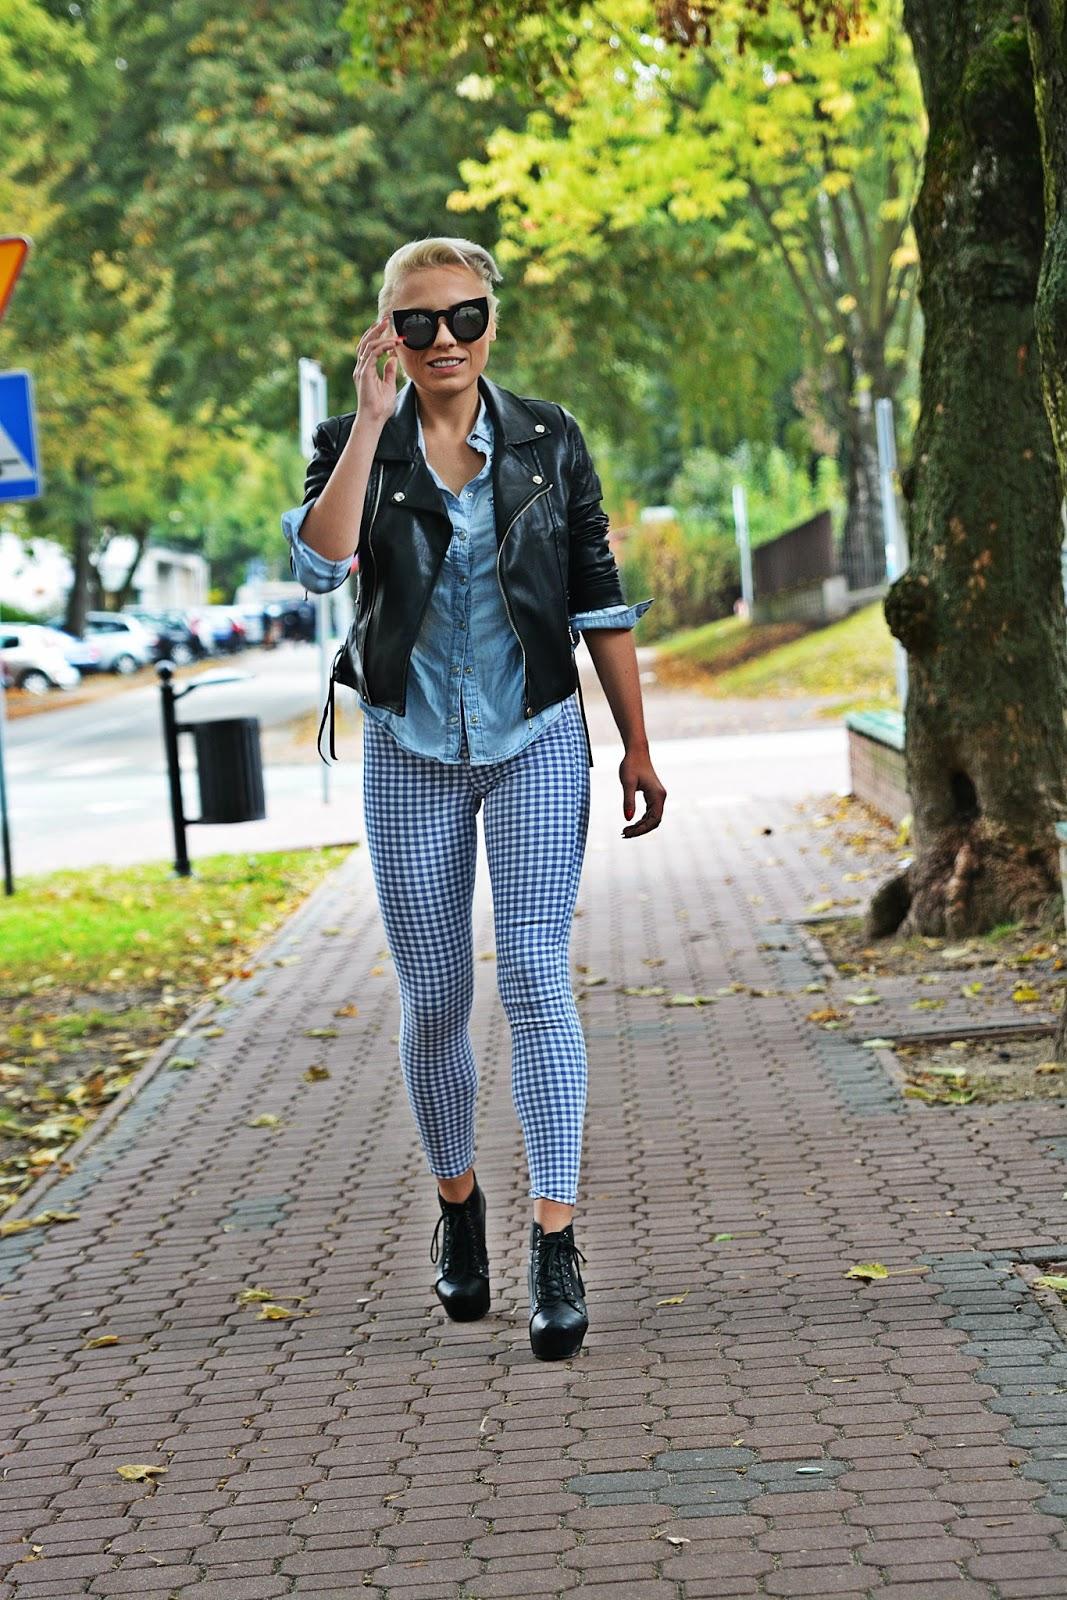 niebieskie_spodnie_ramoneska_czarna_kocie_okulary_15